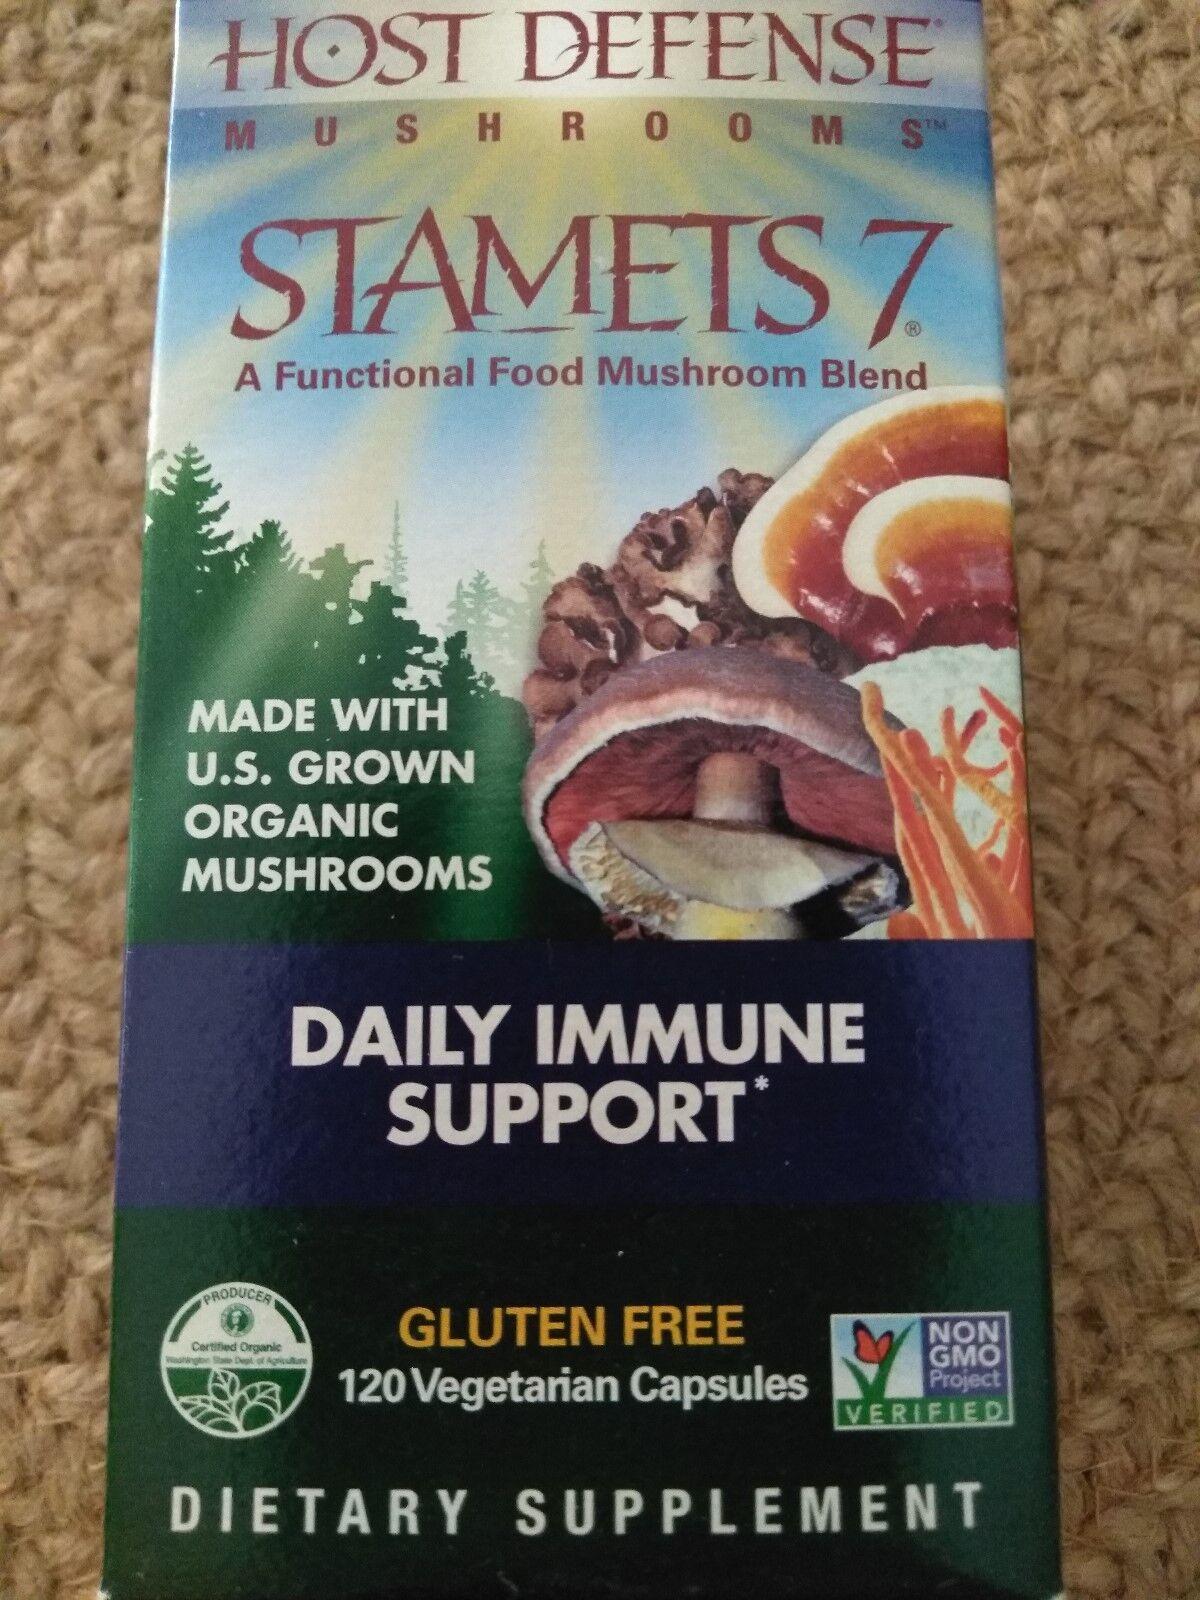 Fungi Perfecti Host Defense Stamets 7 Daily Immune Support 120 Veggie Capsules